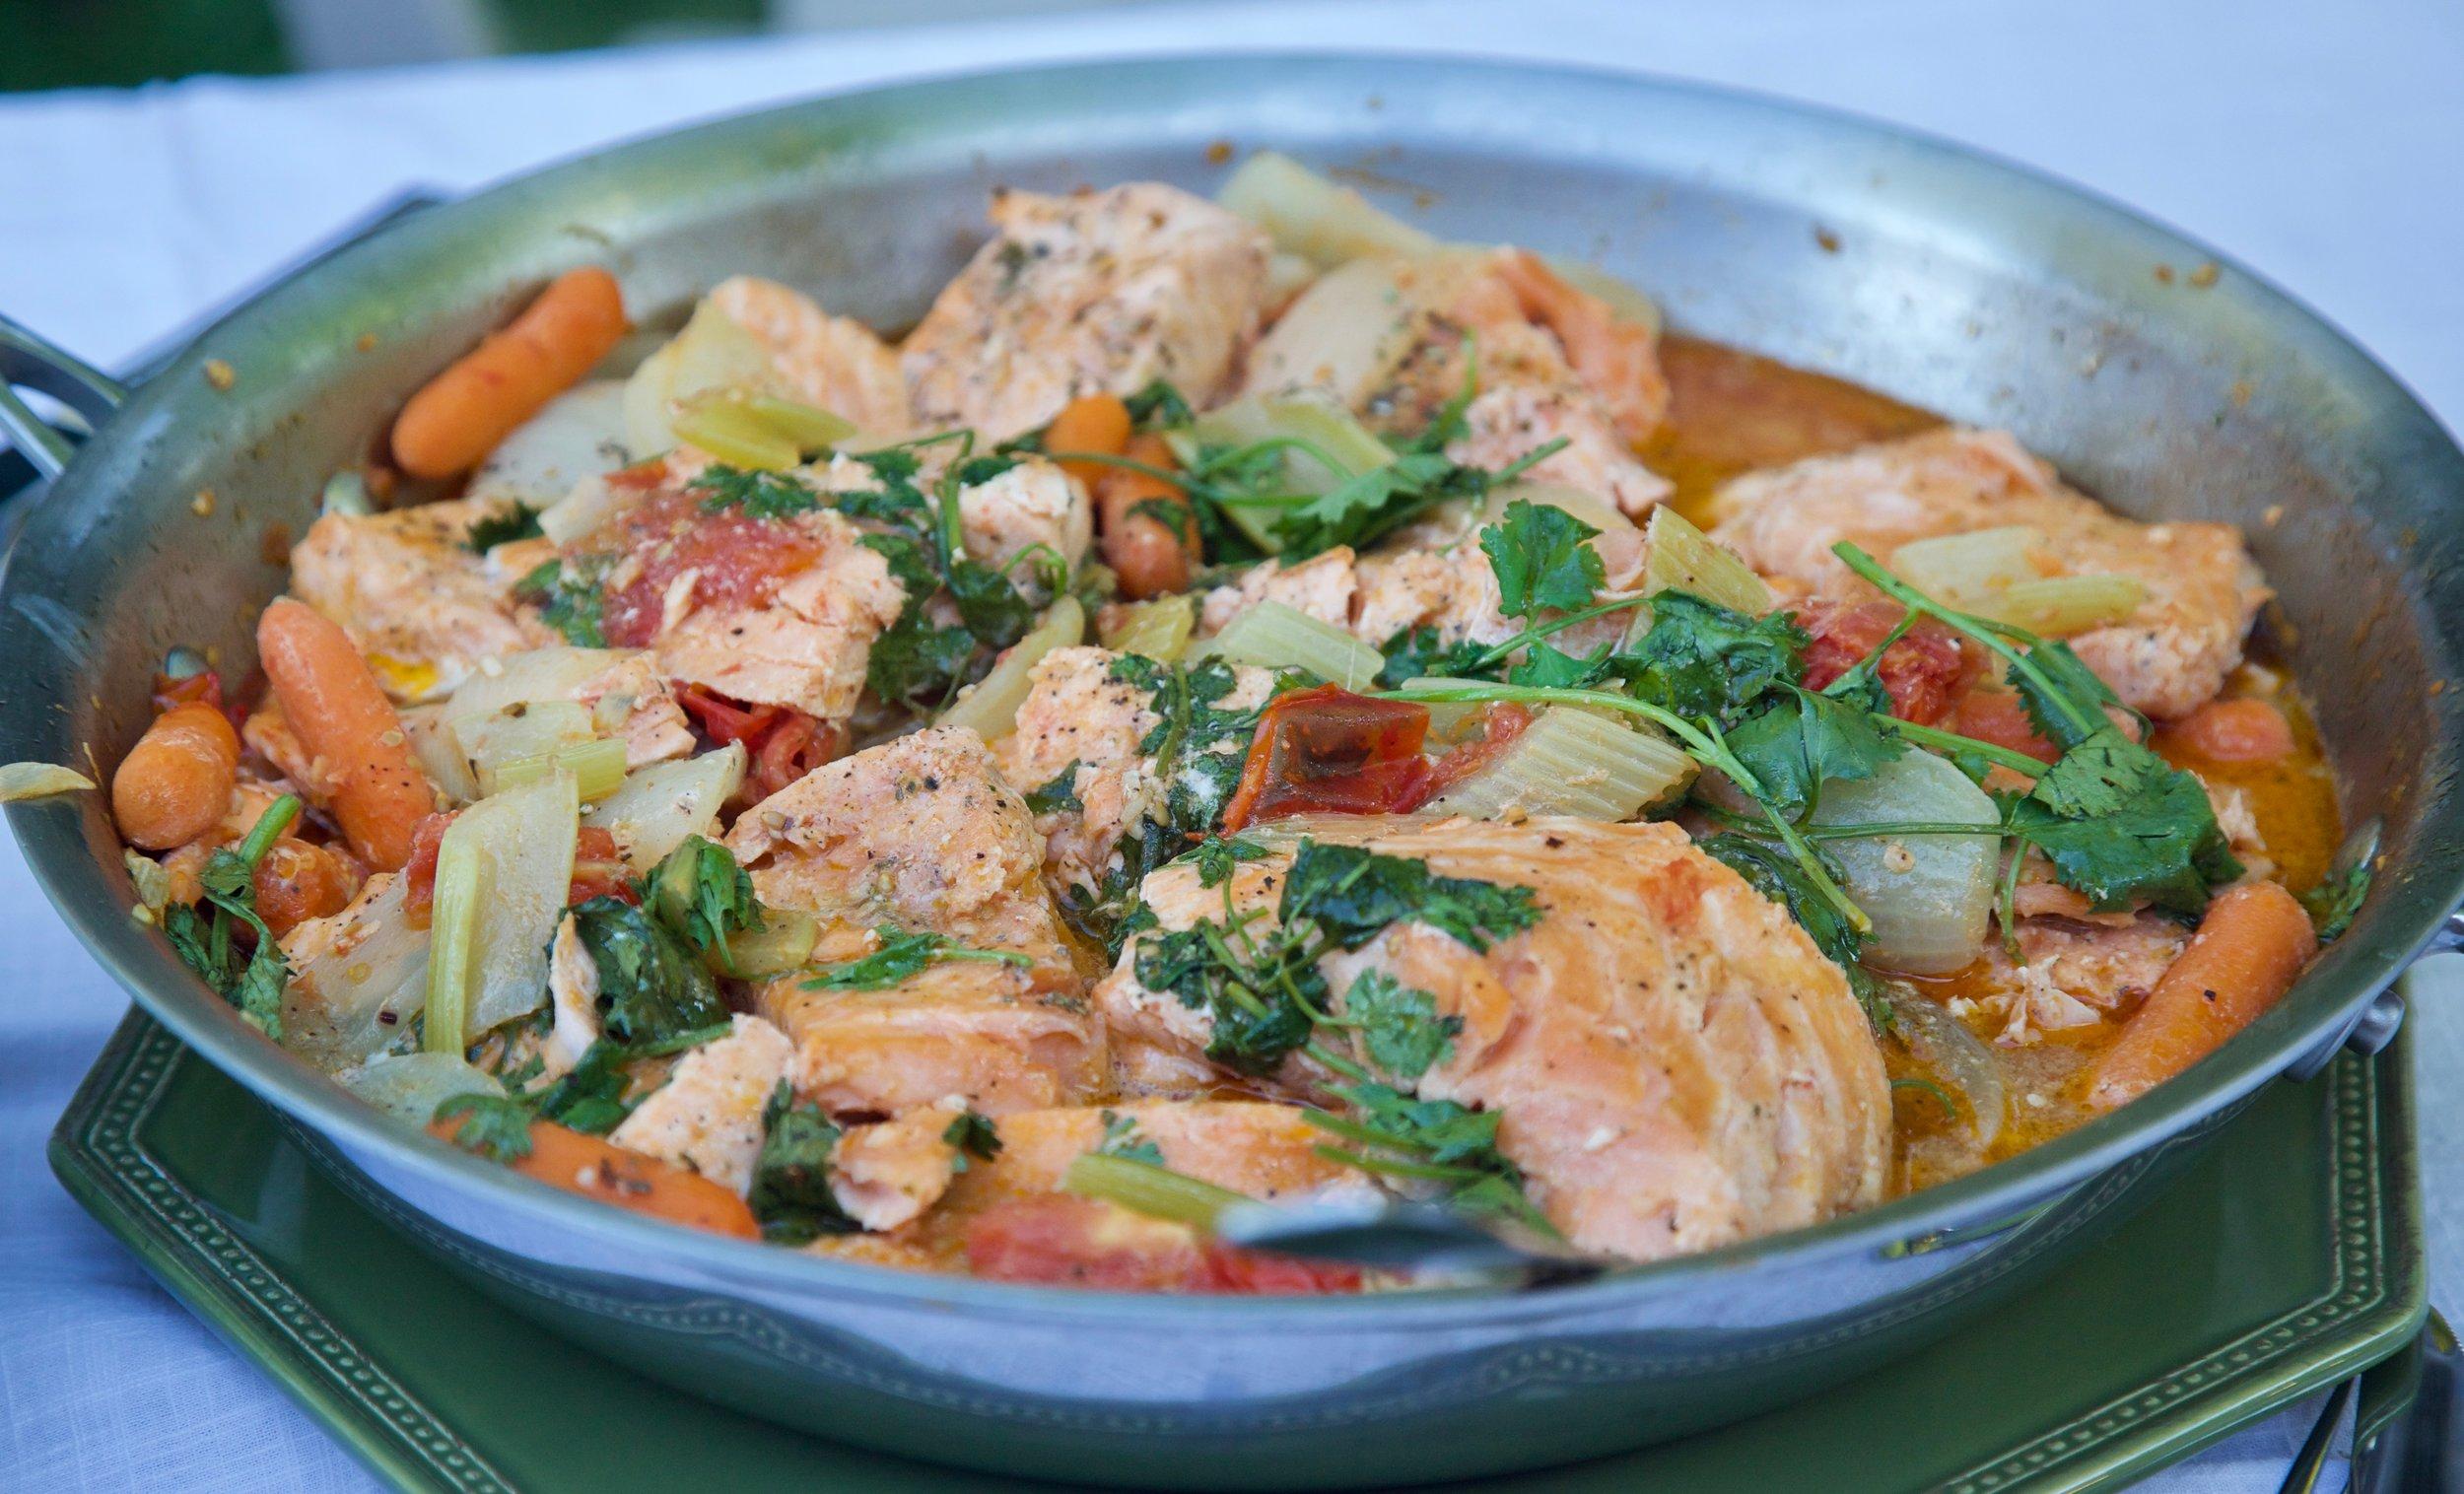 Jeanette's Peruvian salmon